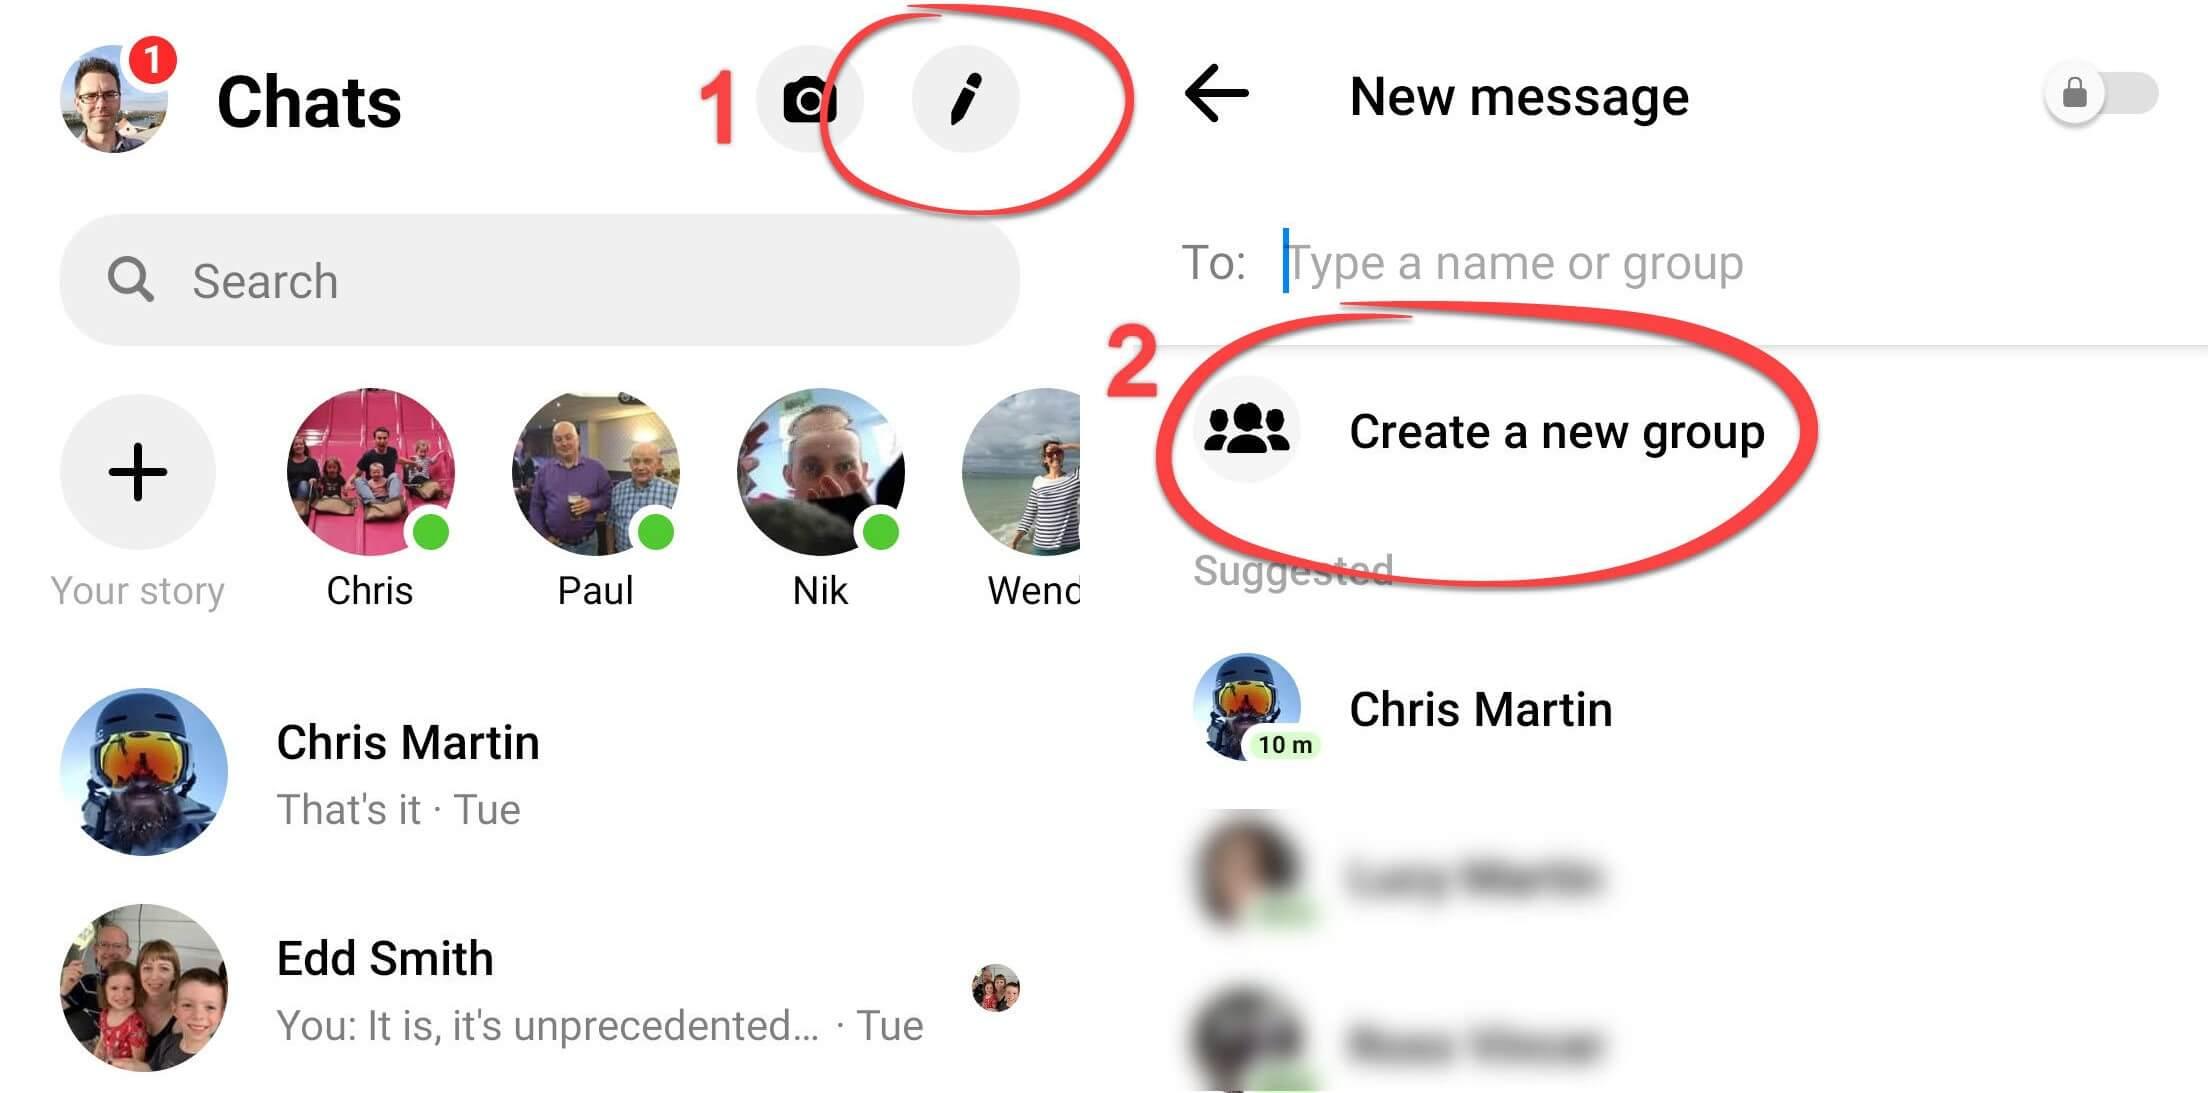 Tao nhom chat tren Facebook Messenger nhanh chong